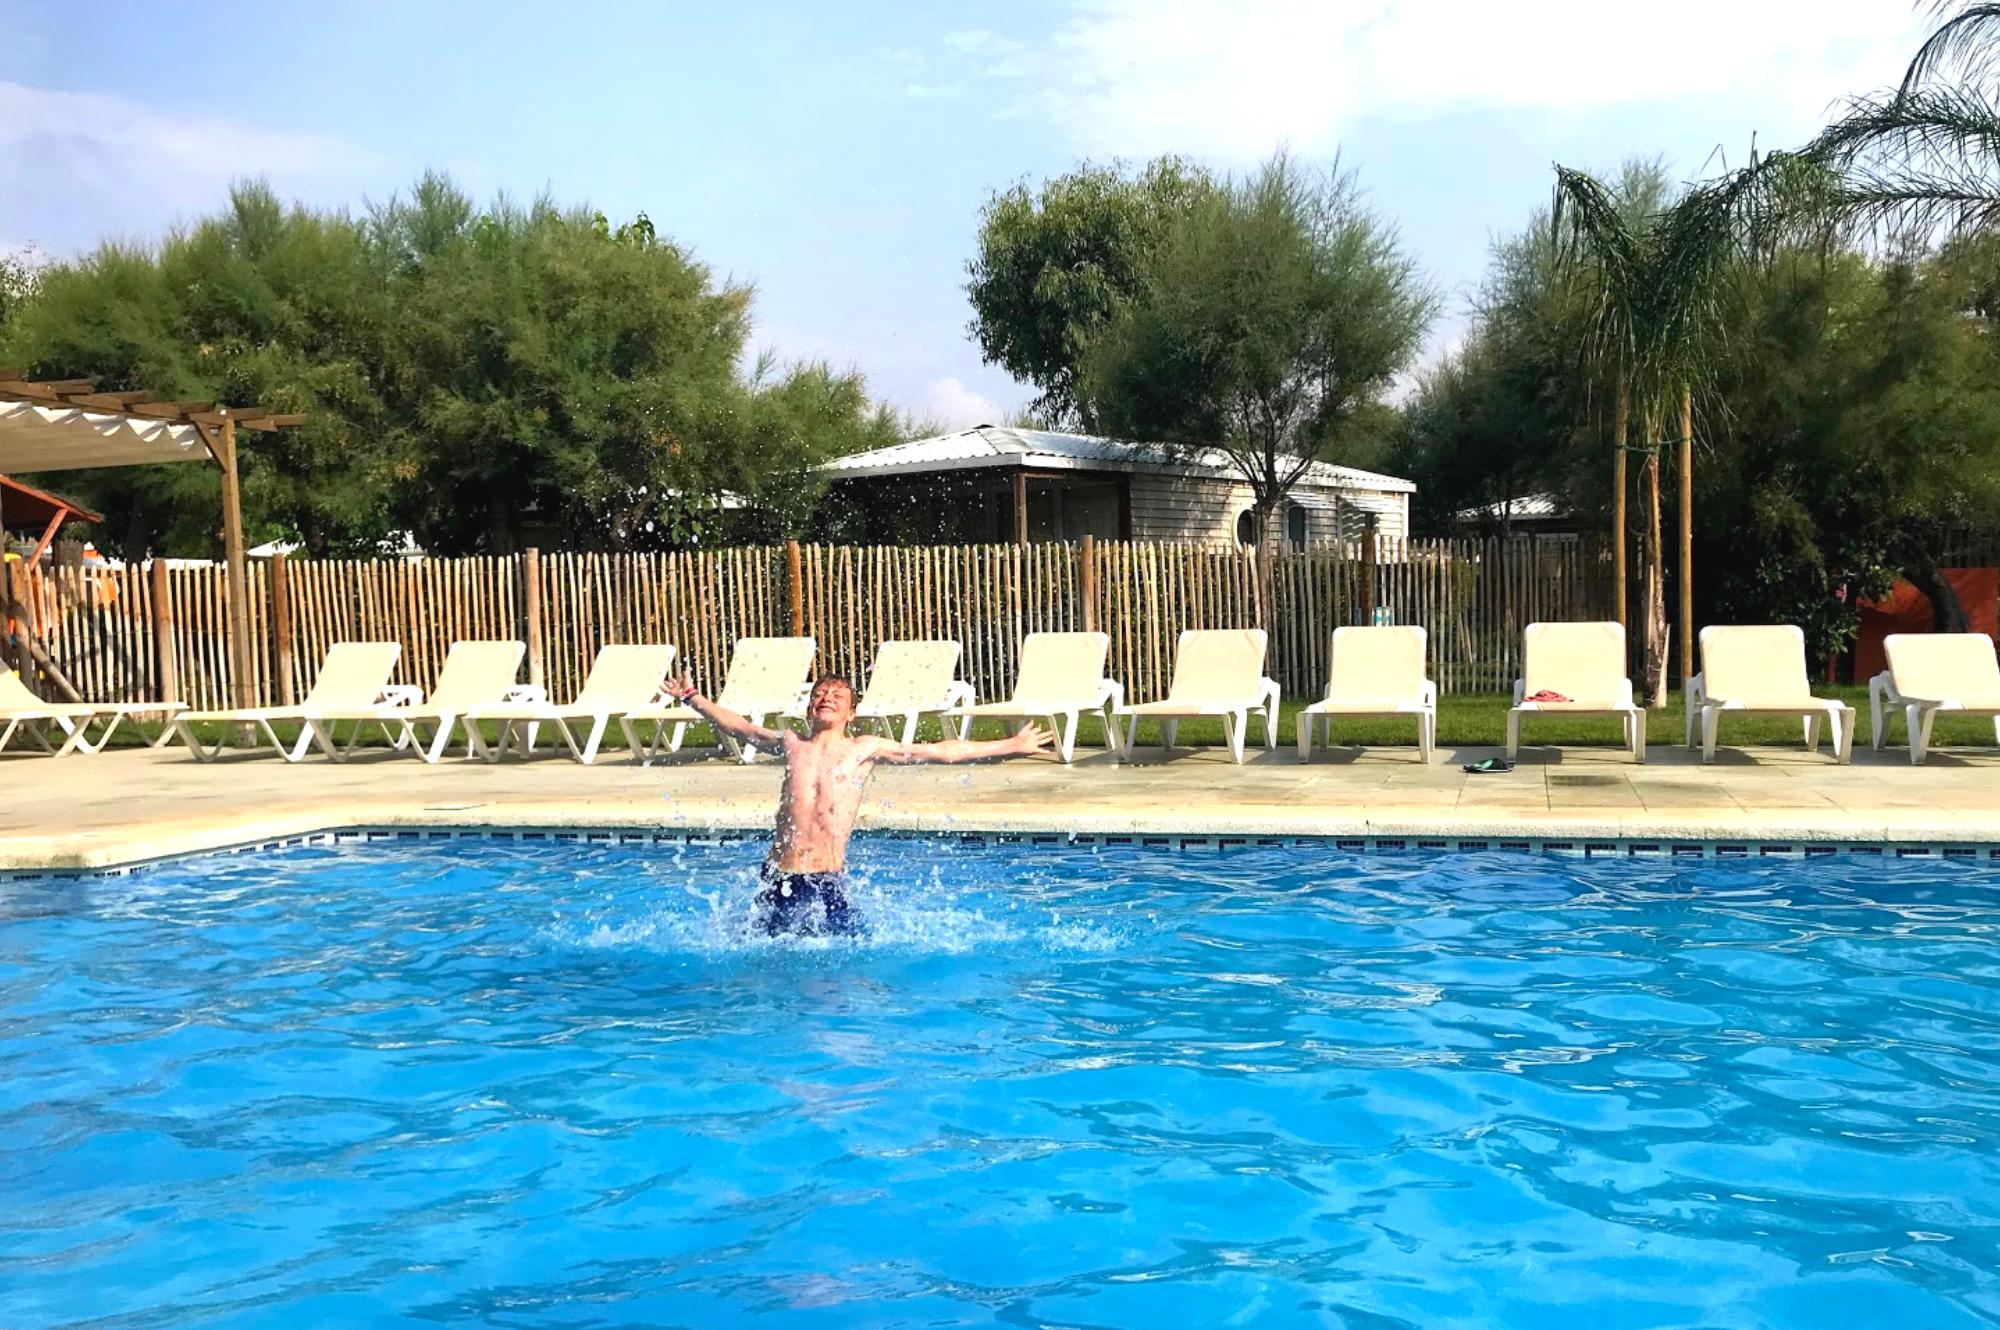 Saucepan Kids visit and review Camping Salata in Roses, Costa Brava - Fun in the pool